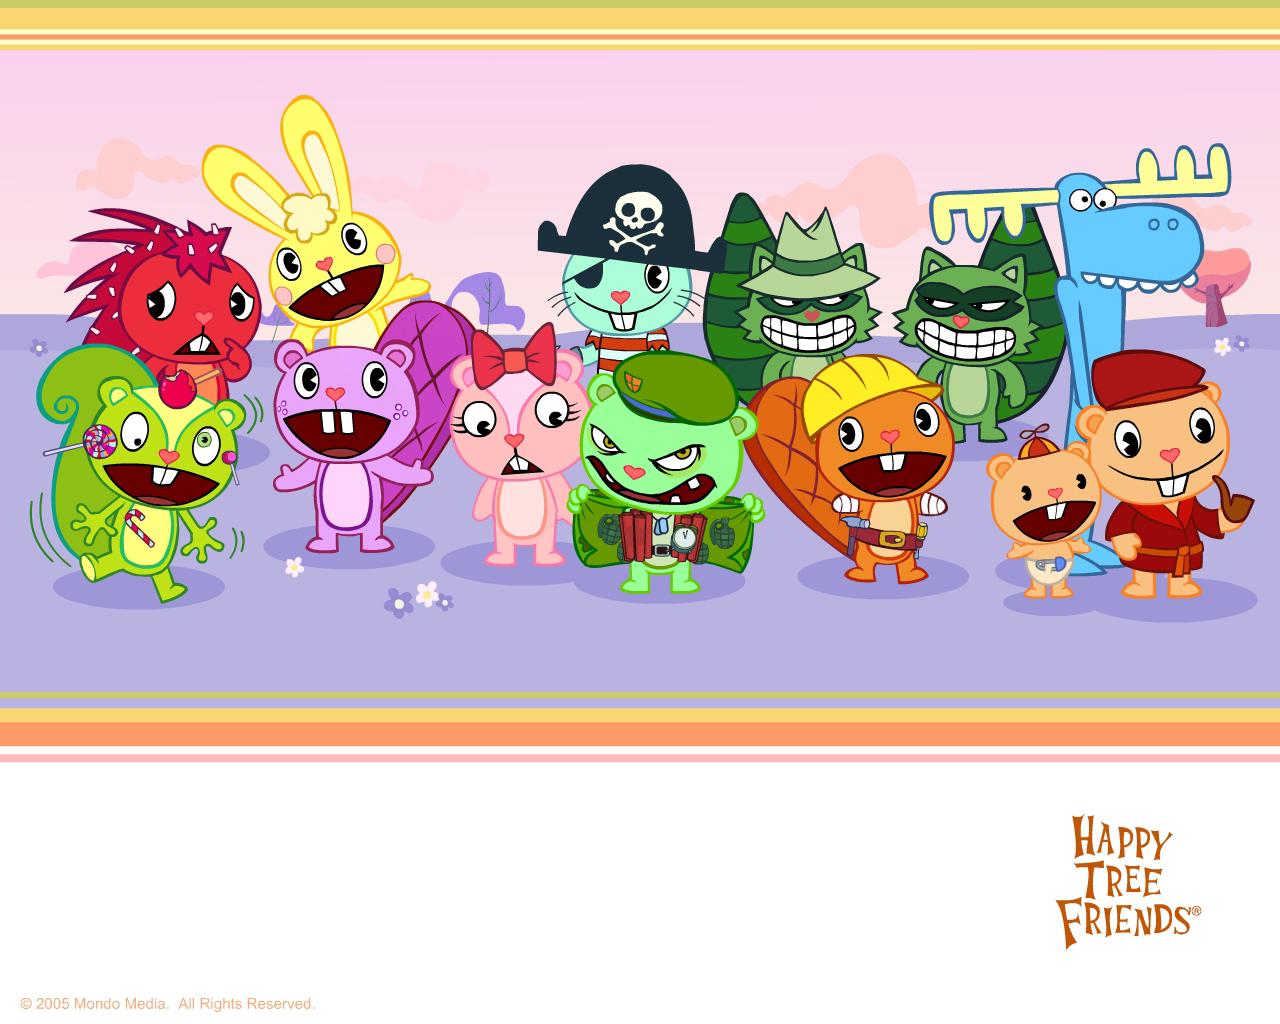 Happy Tree Friends   Happy Tree Friends Wallpaper 175505 1280x1024